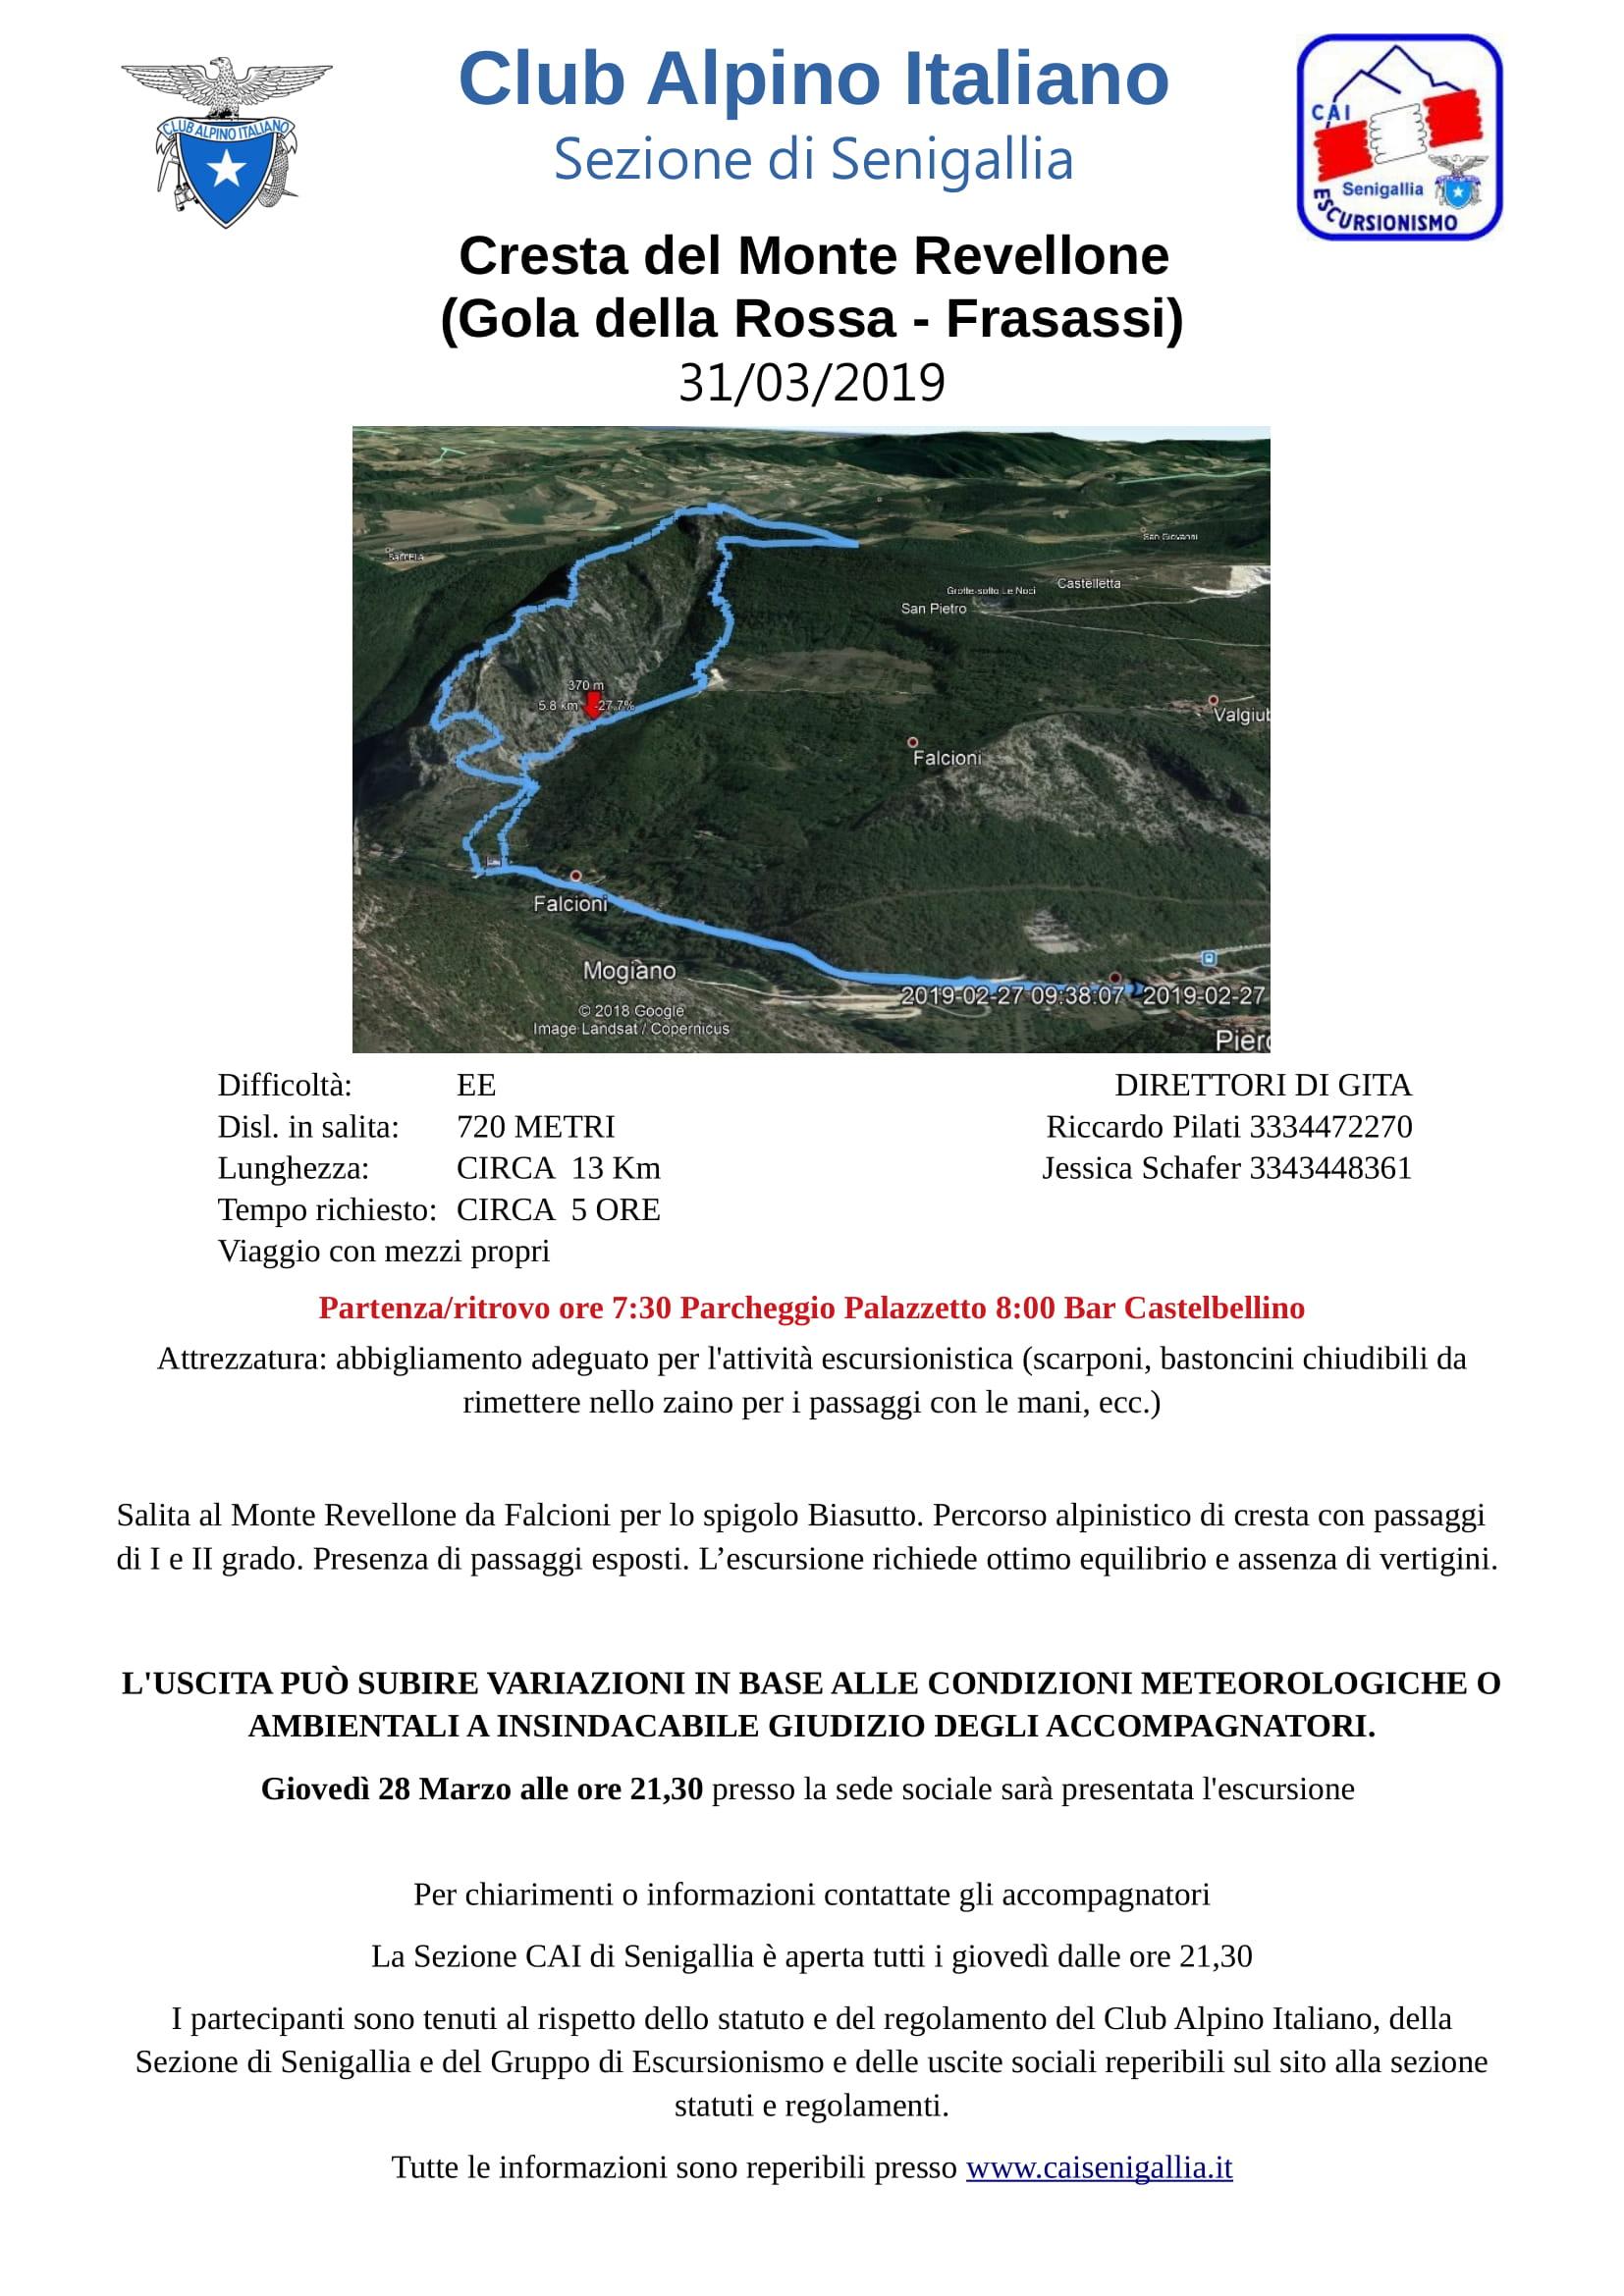 GE - Cresta del Monte Revellone